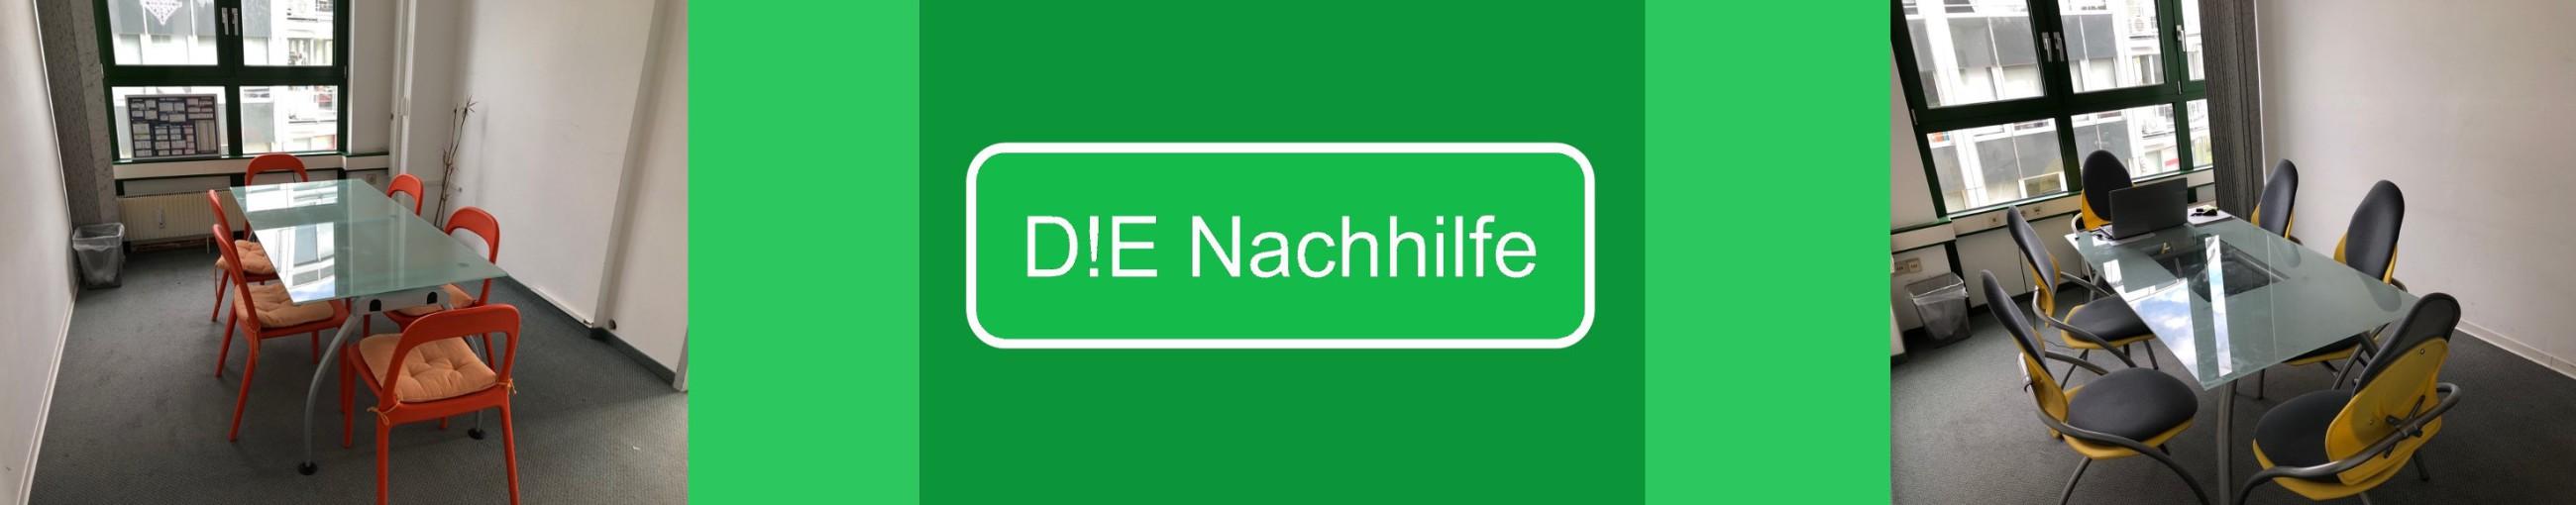 D!E NACHHILFE